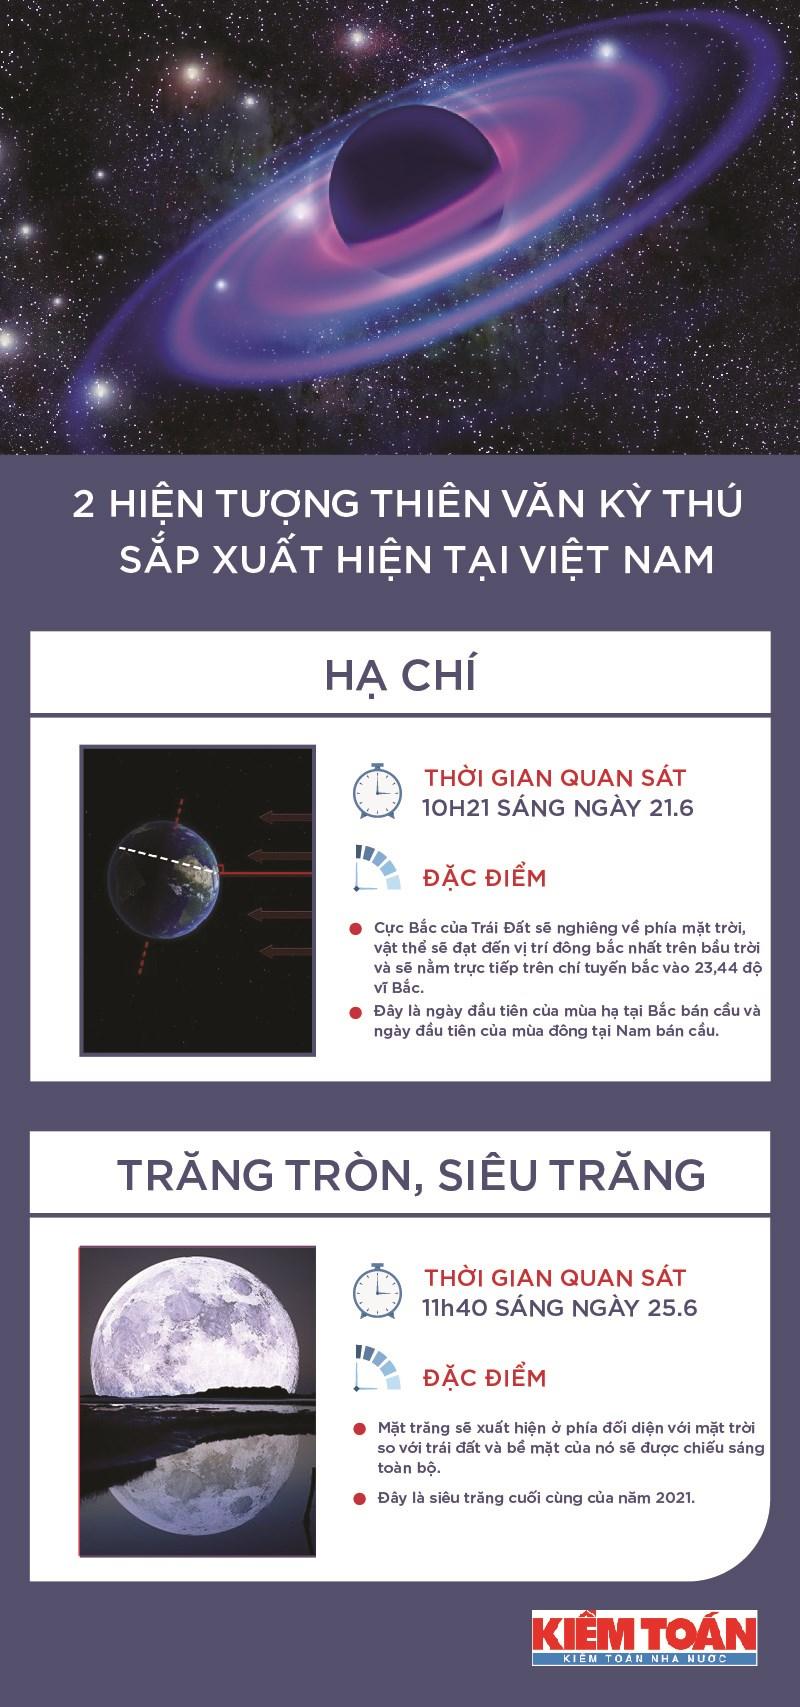 [Infographics] Lịch diễn ra 2 sự kiện thiên văn đáng chú ý nhất tháng 6 - Ảnh 1